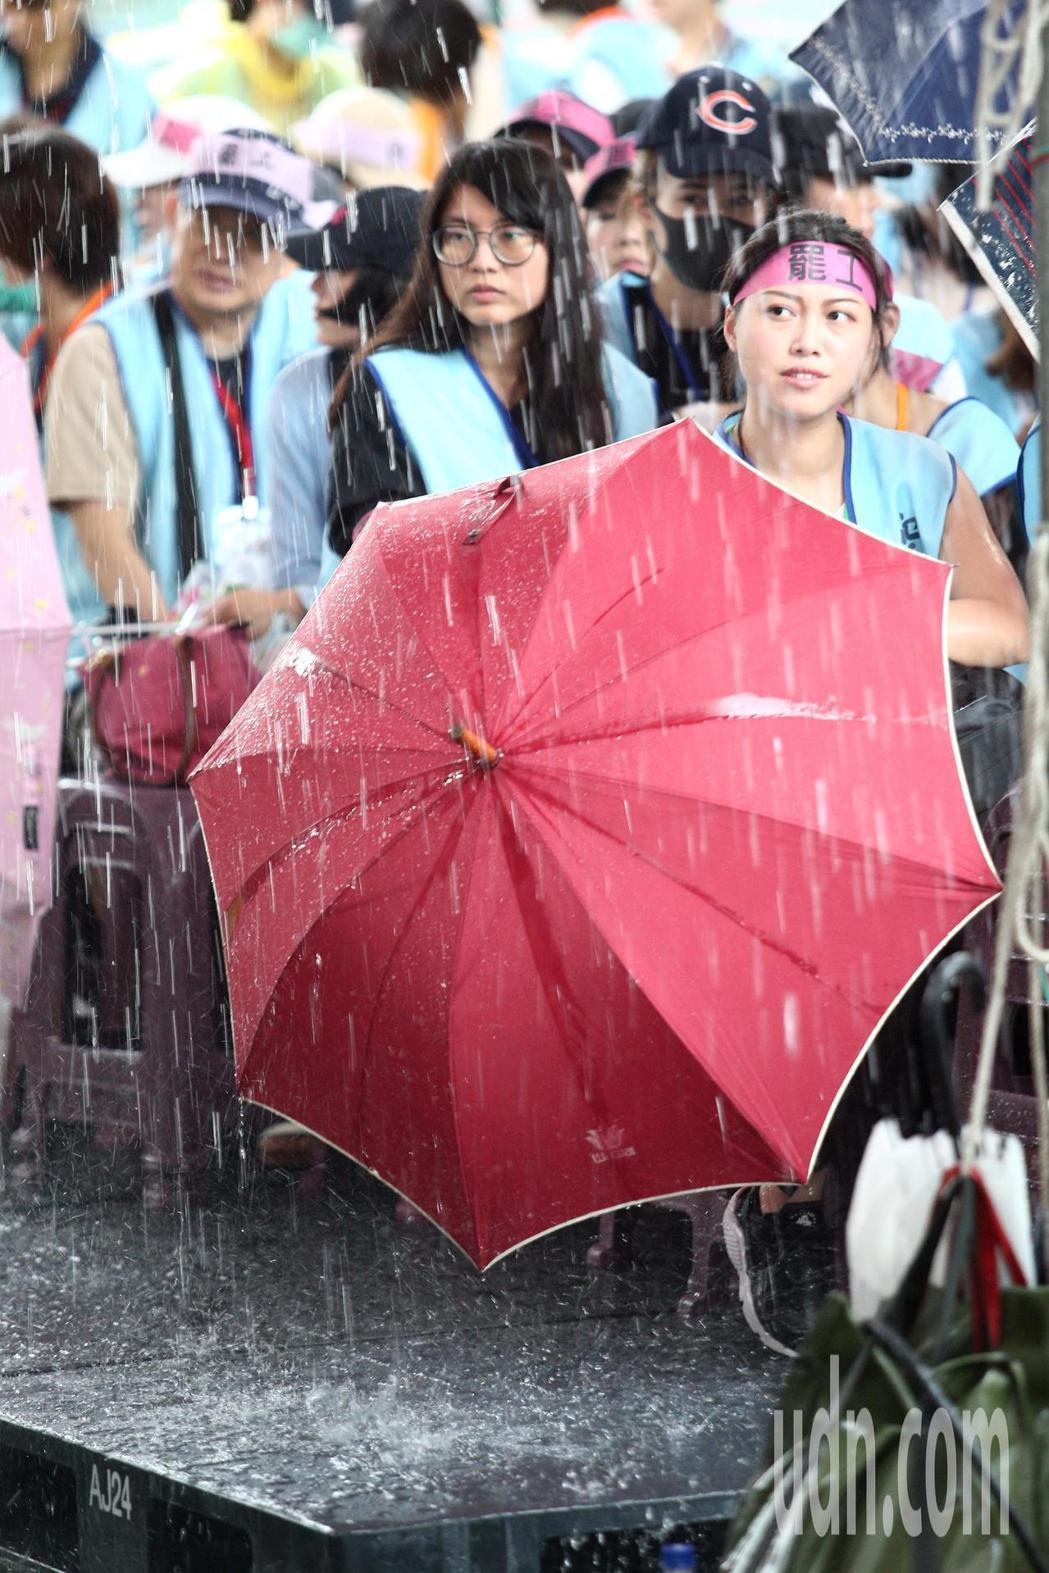 長榮空服員罷工進入第6天,下午下起大雨。記者蘇健忠/攝影